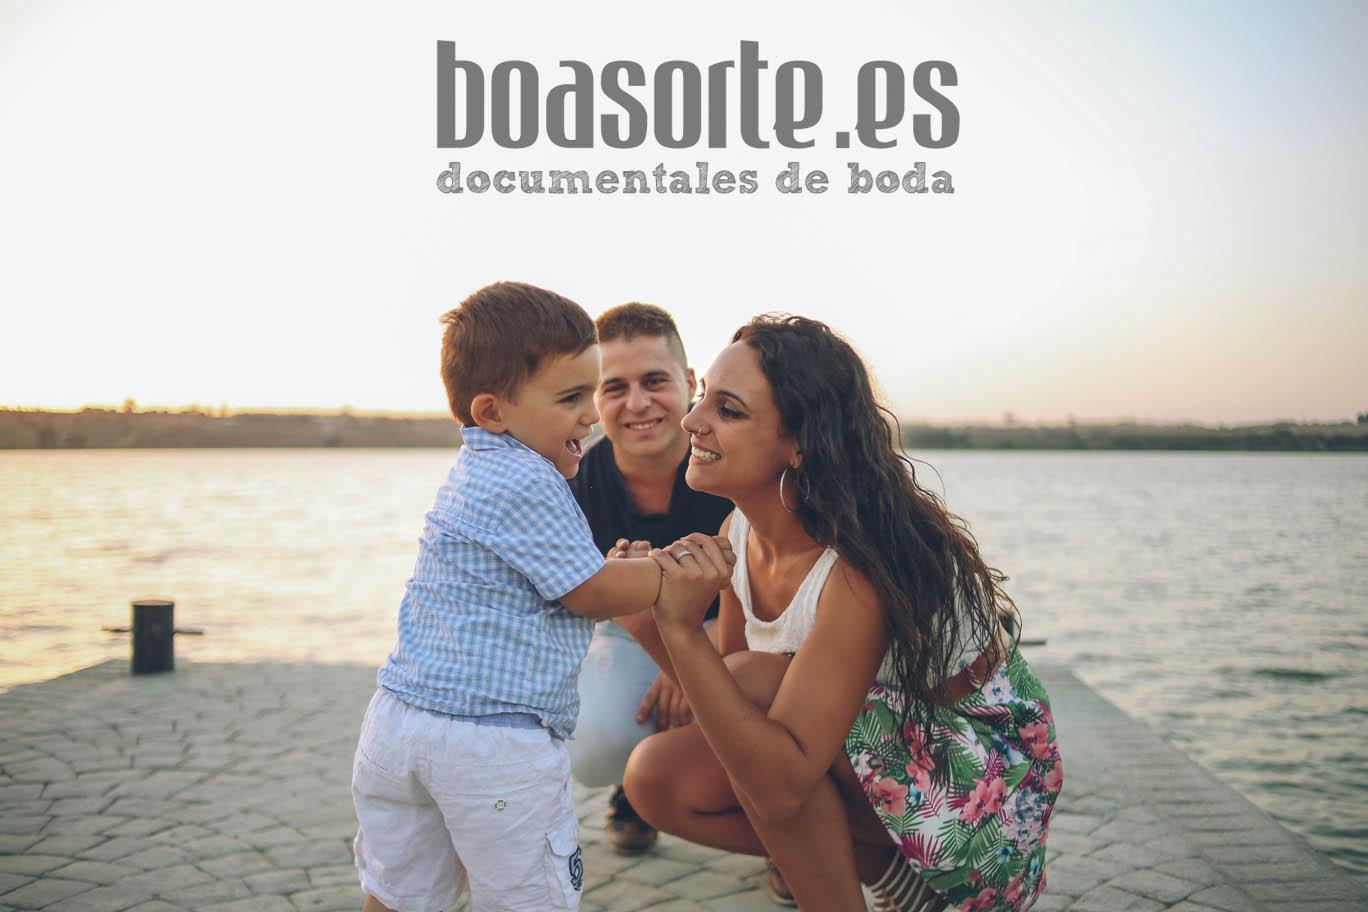 fotografia_preboda_en_familia_boasorte2